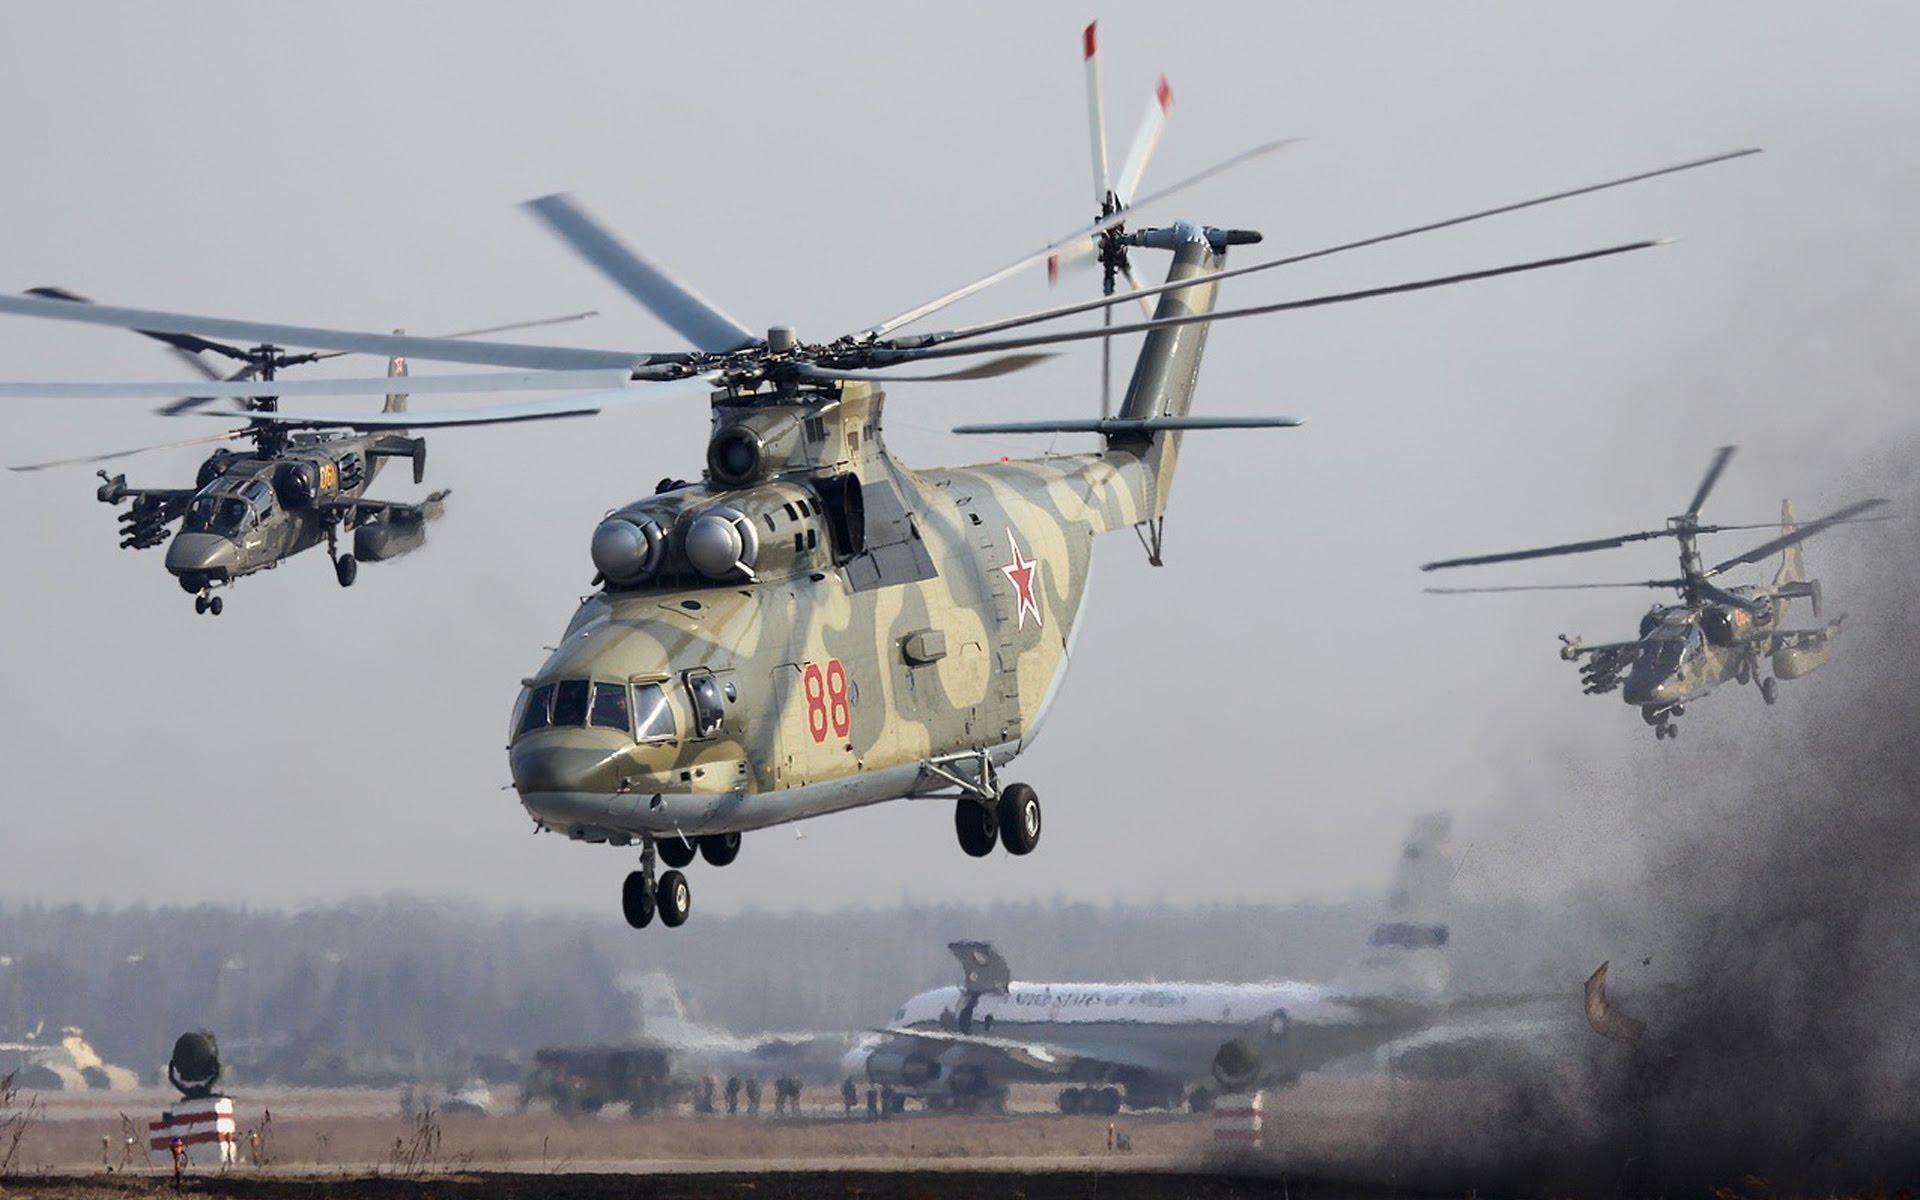 俄媒:中俄将签重型直升机制造合同 计划造200架